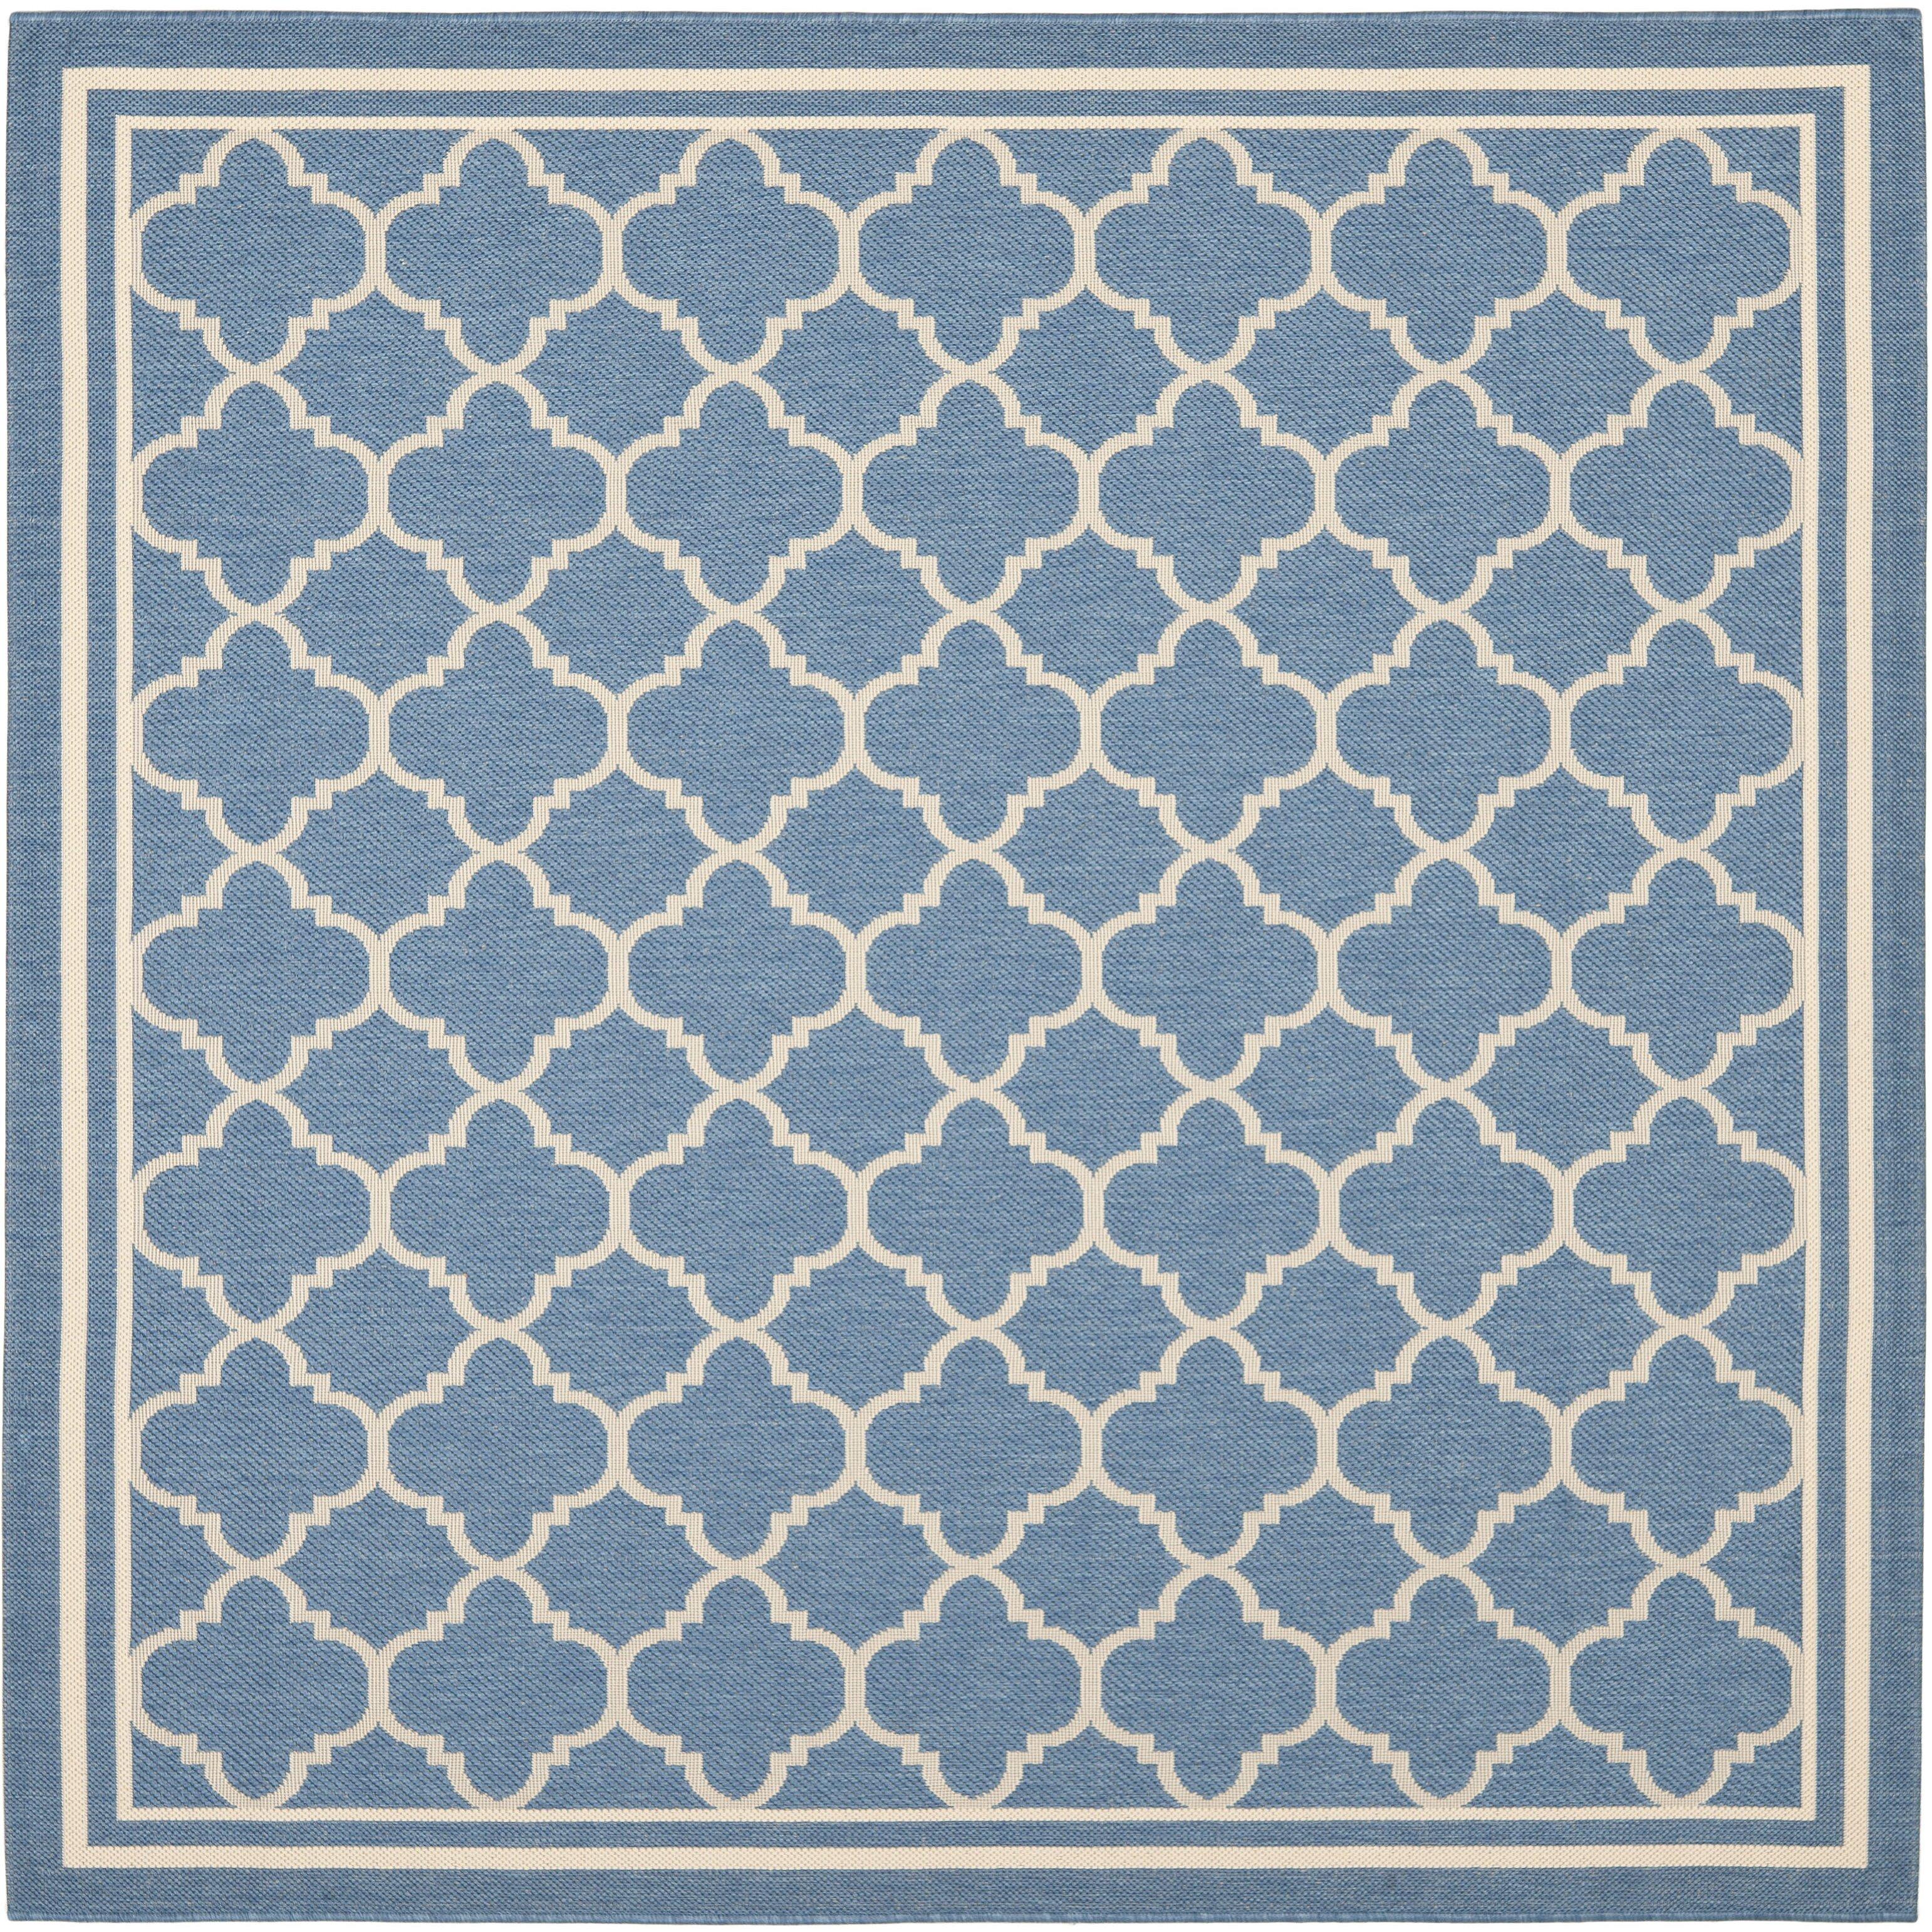 Safavieh Courtyard Indoor/Outdoor Blue/Beige Area Rug